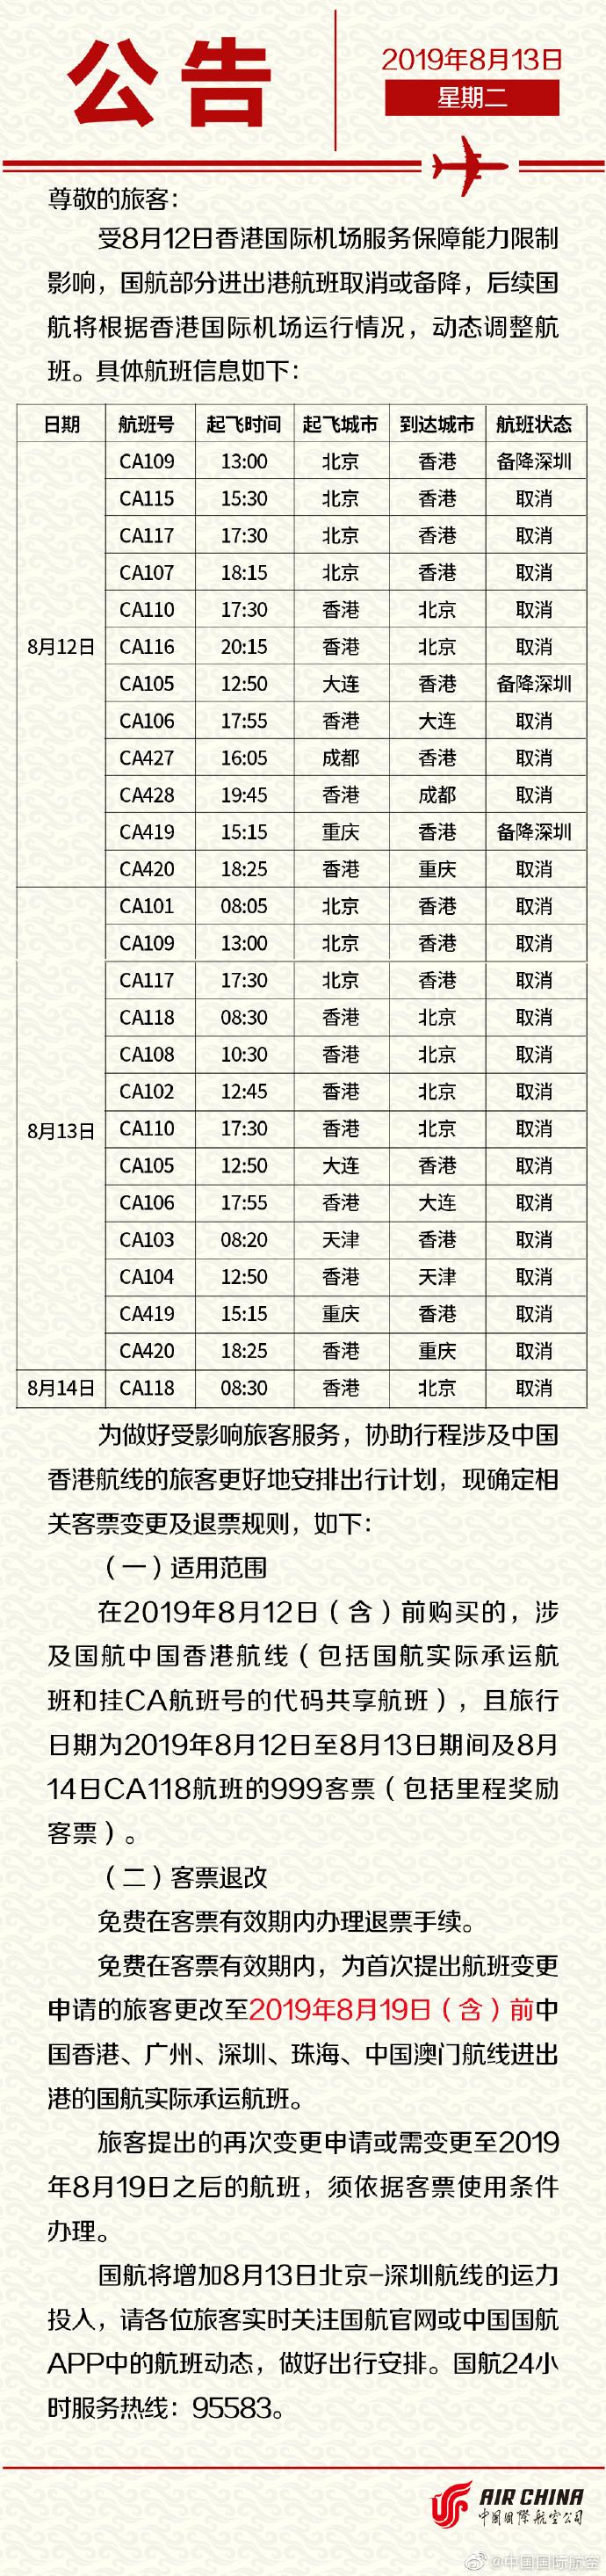 国航:部分进出港航班取消或备降 旅客可免费退票_中国